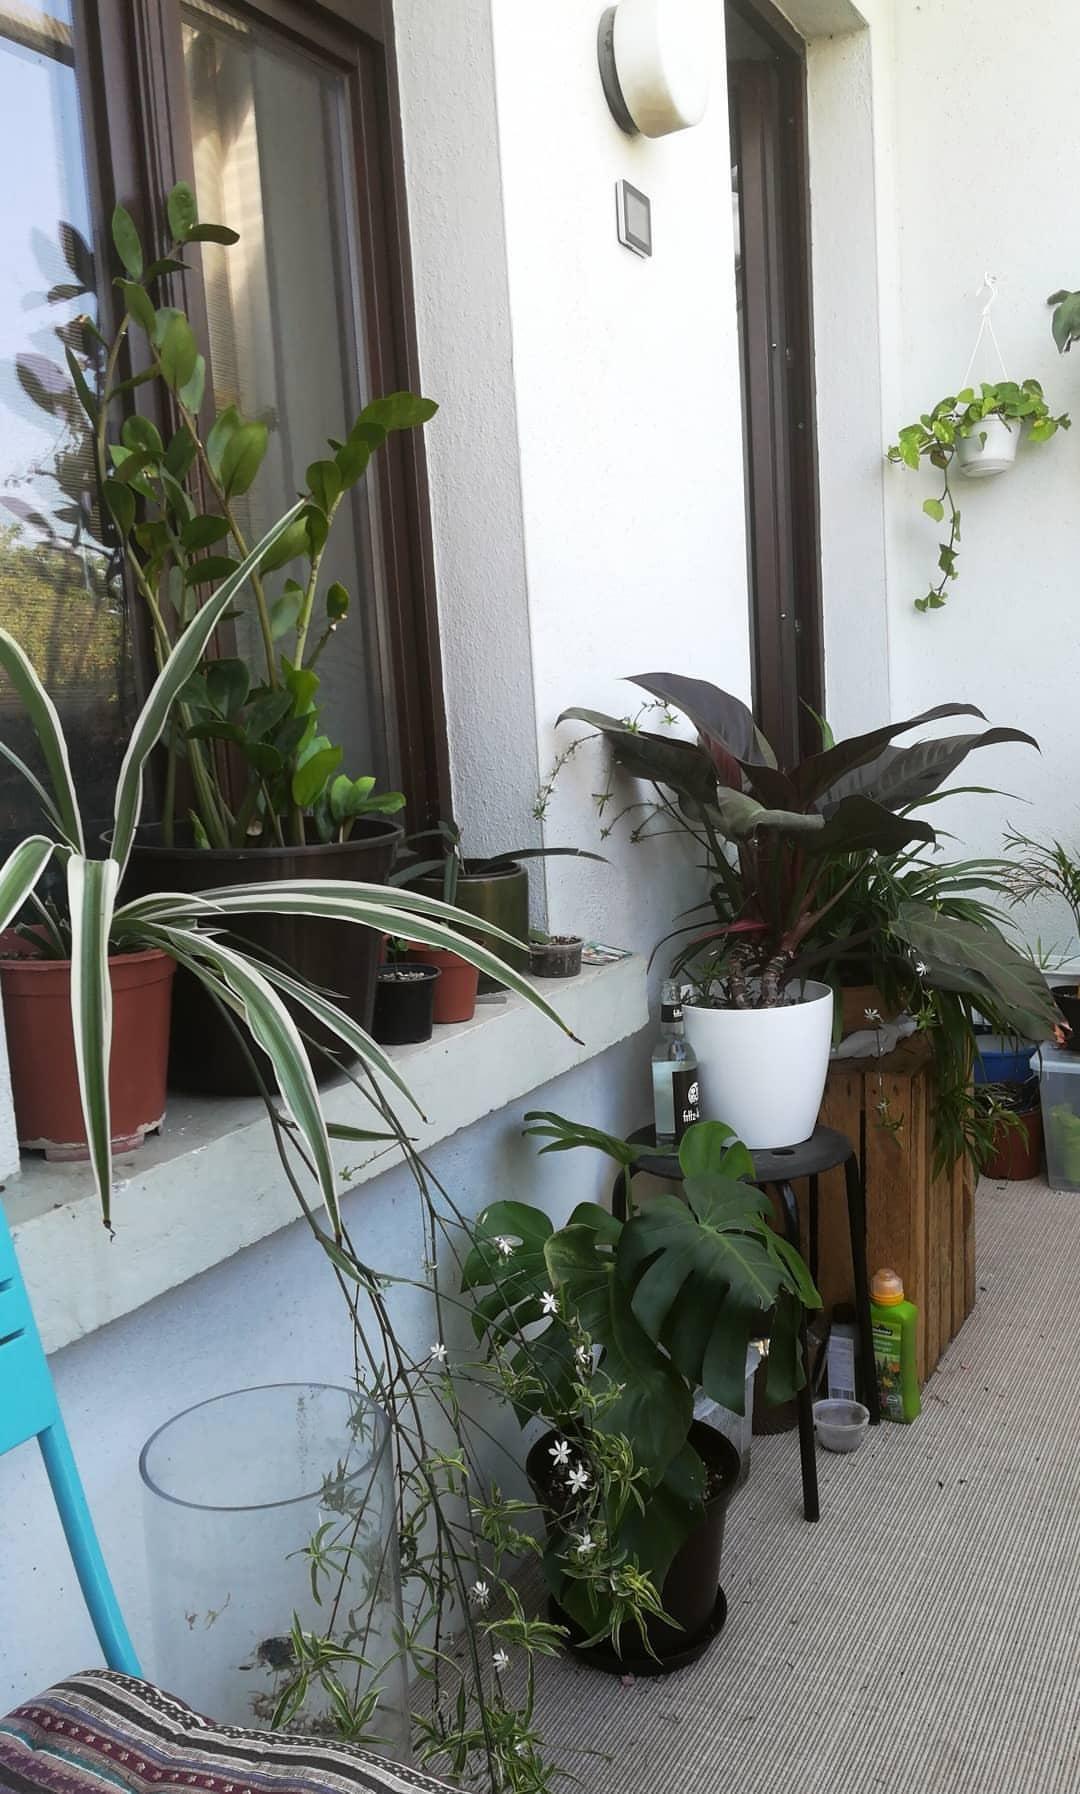 Gruner Balkon In Leipzig Balkon Pflanzen Bepflanzung Pflanzen